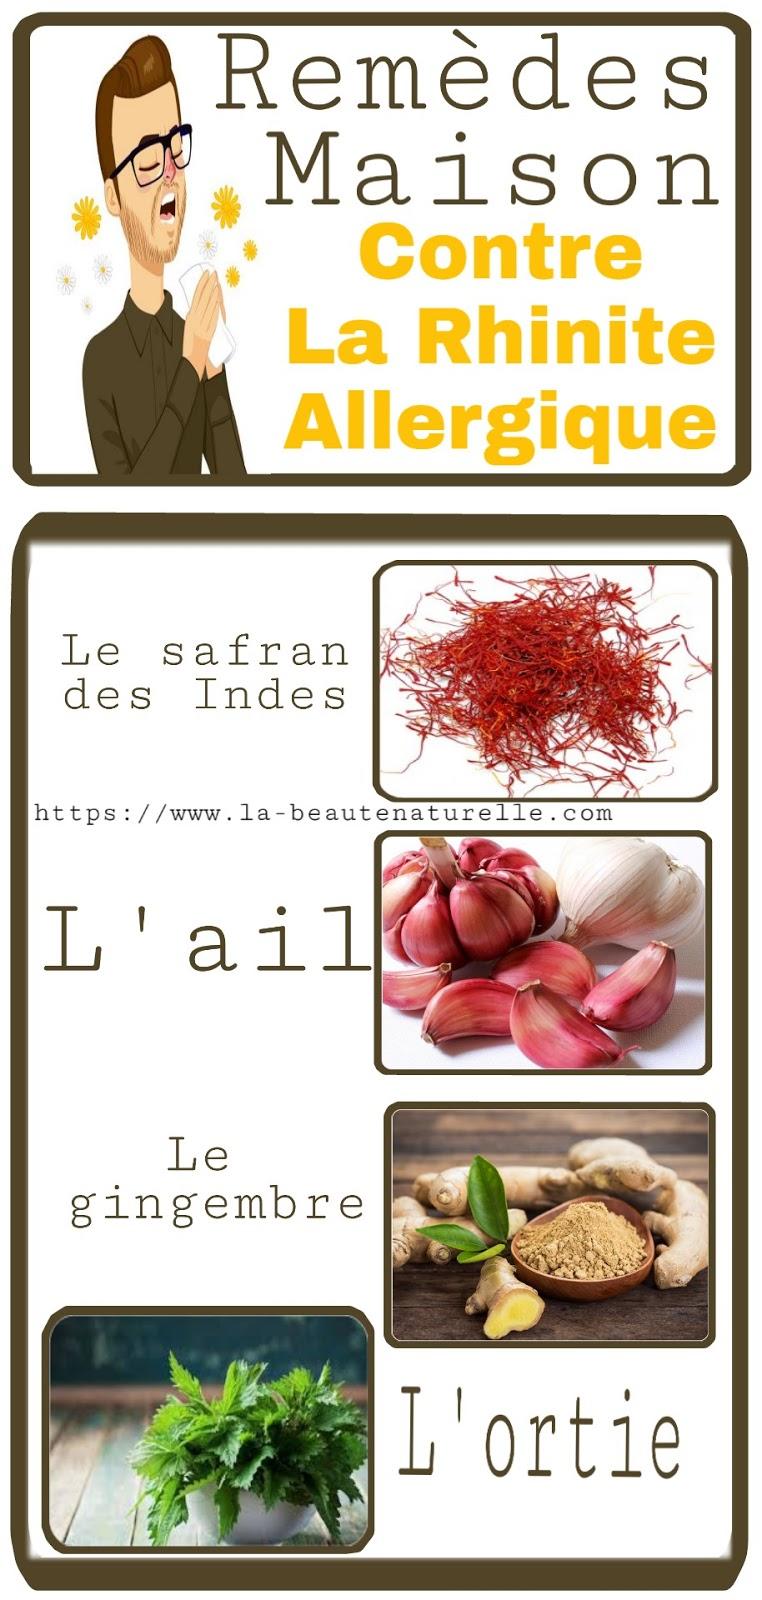 Remèdes Maison Contre La Rhinite Allergique